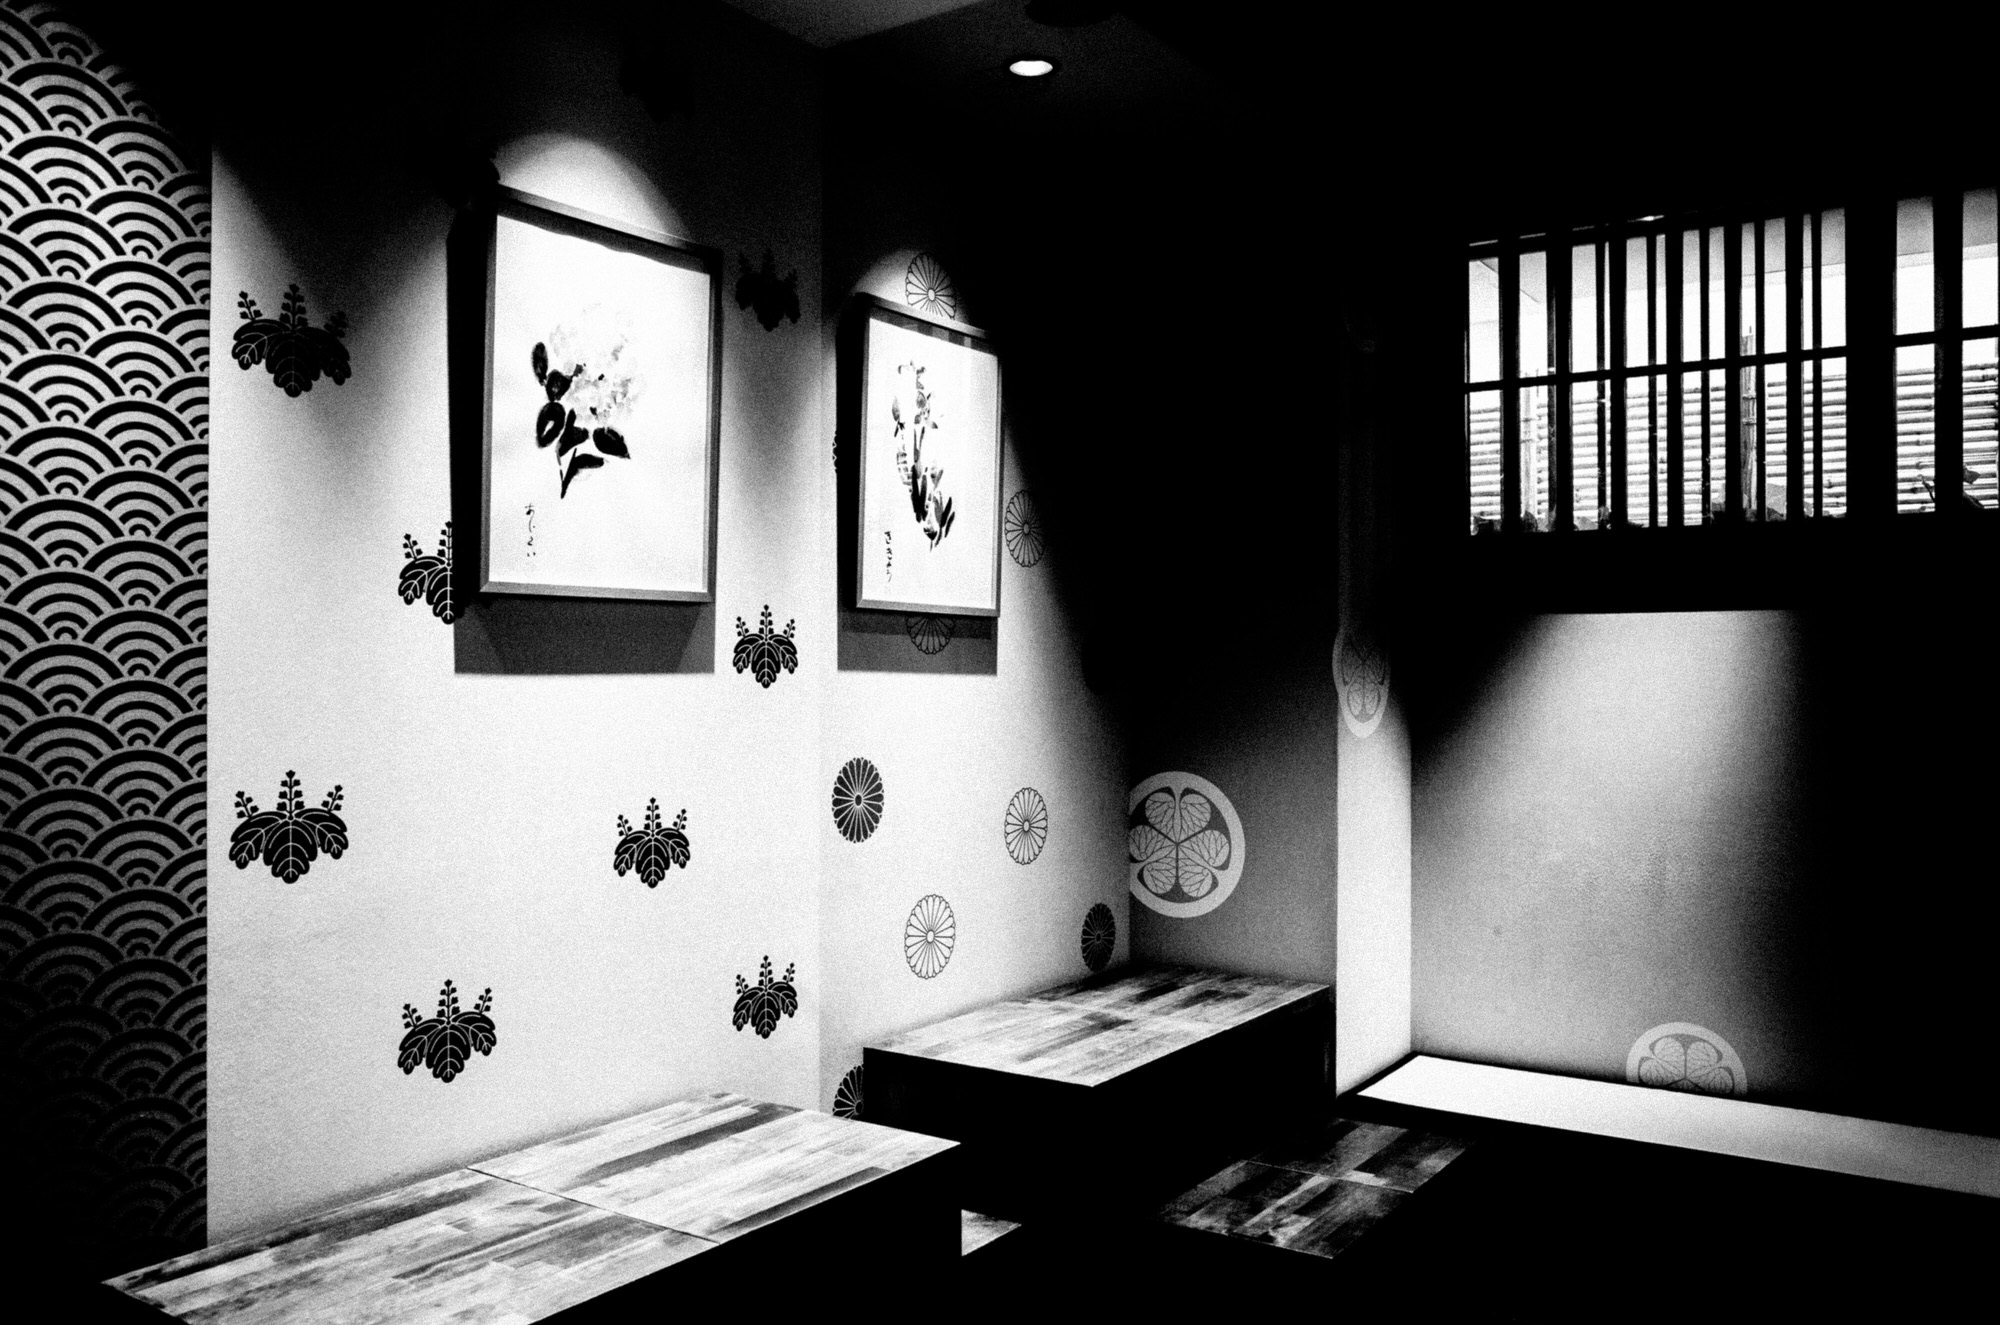 dark skies over tokyo - eric kim11